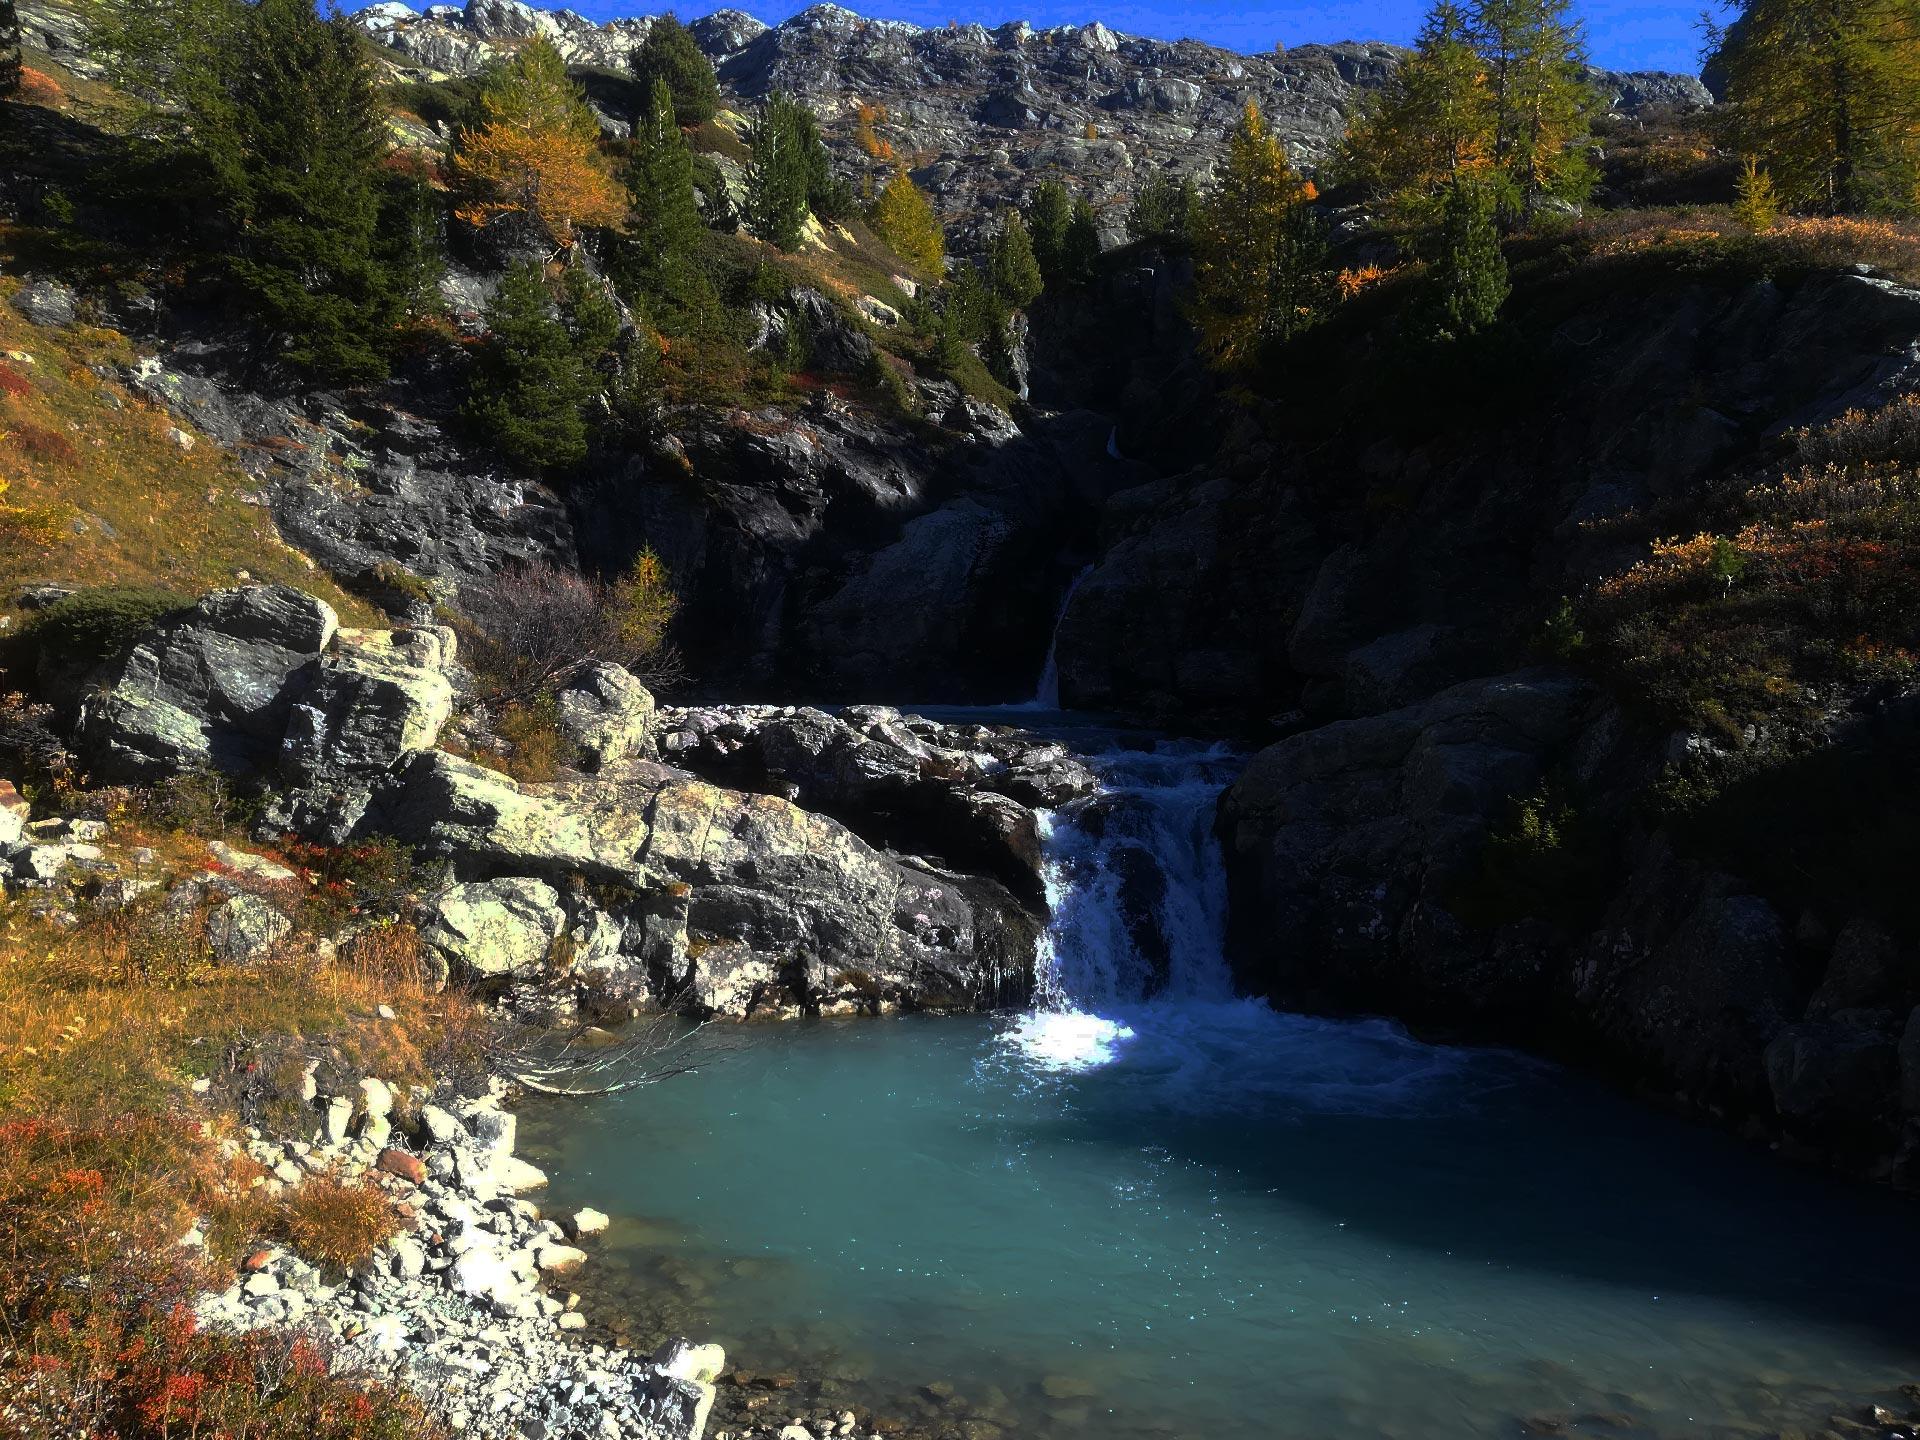 Veduta di una cascata lungo il fiume Rutor